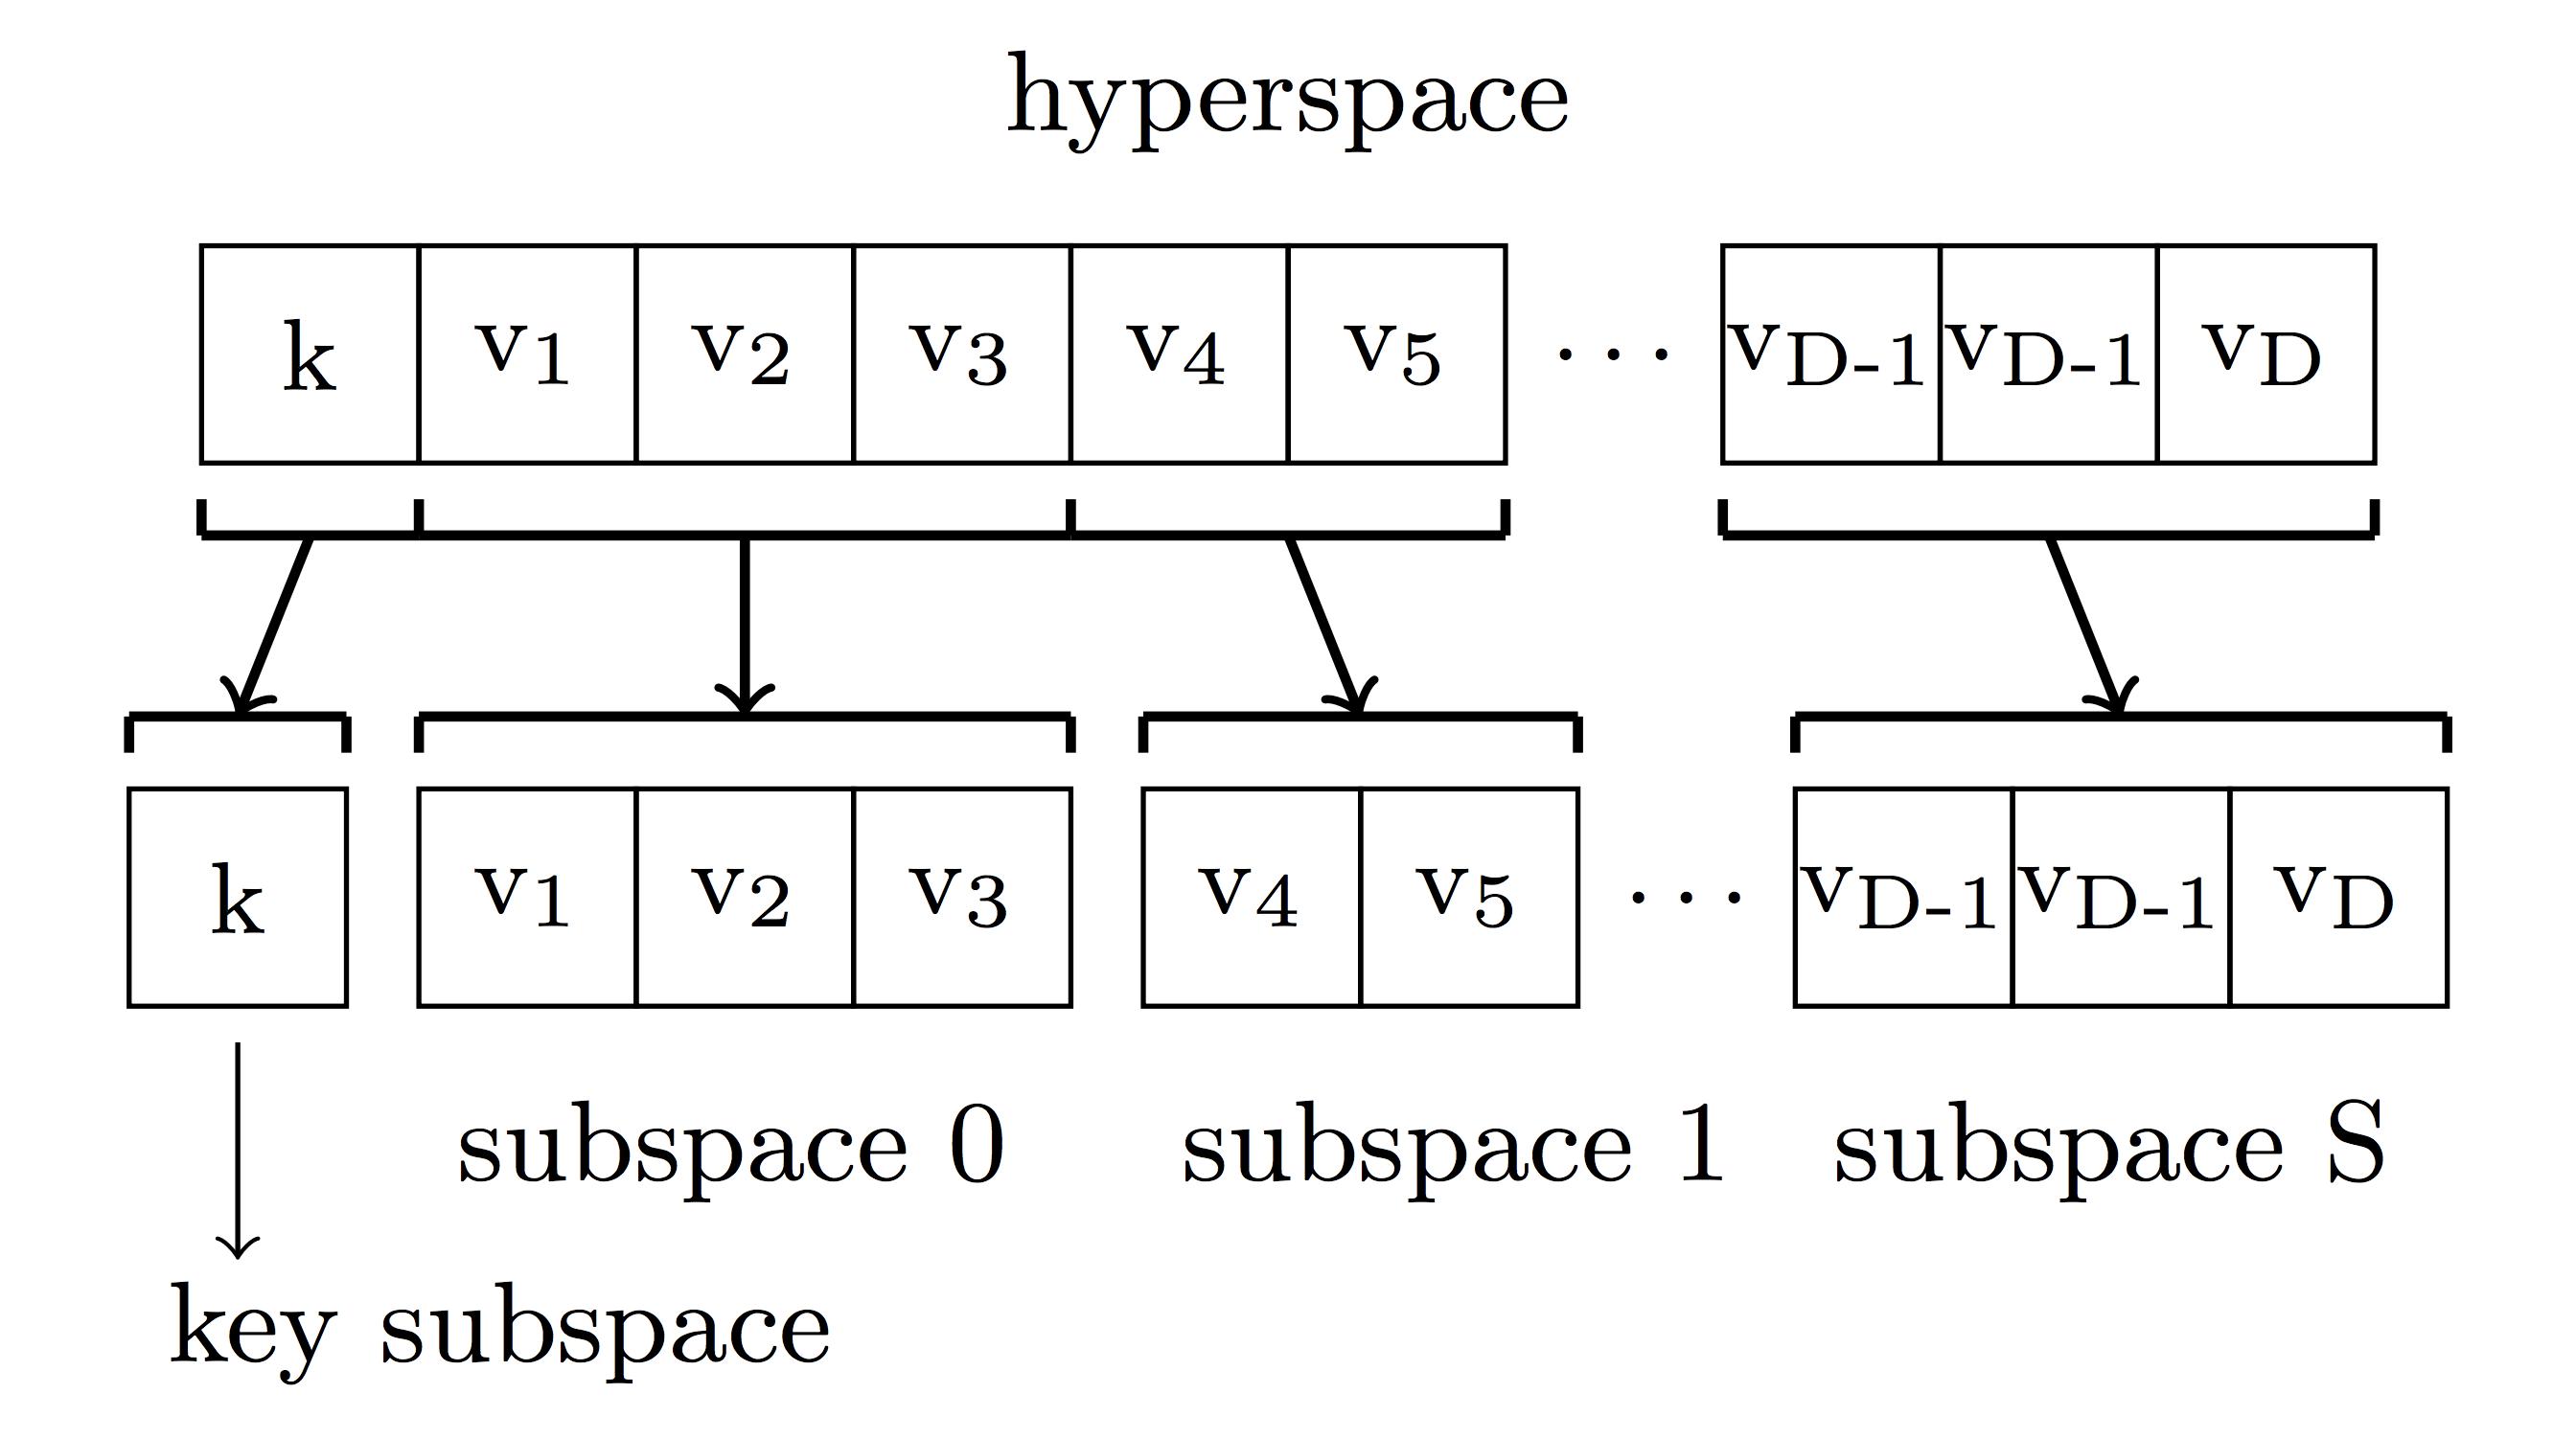 Chain replication: построение эффективного KV-хранилища (часть 2-2) - 16